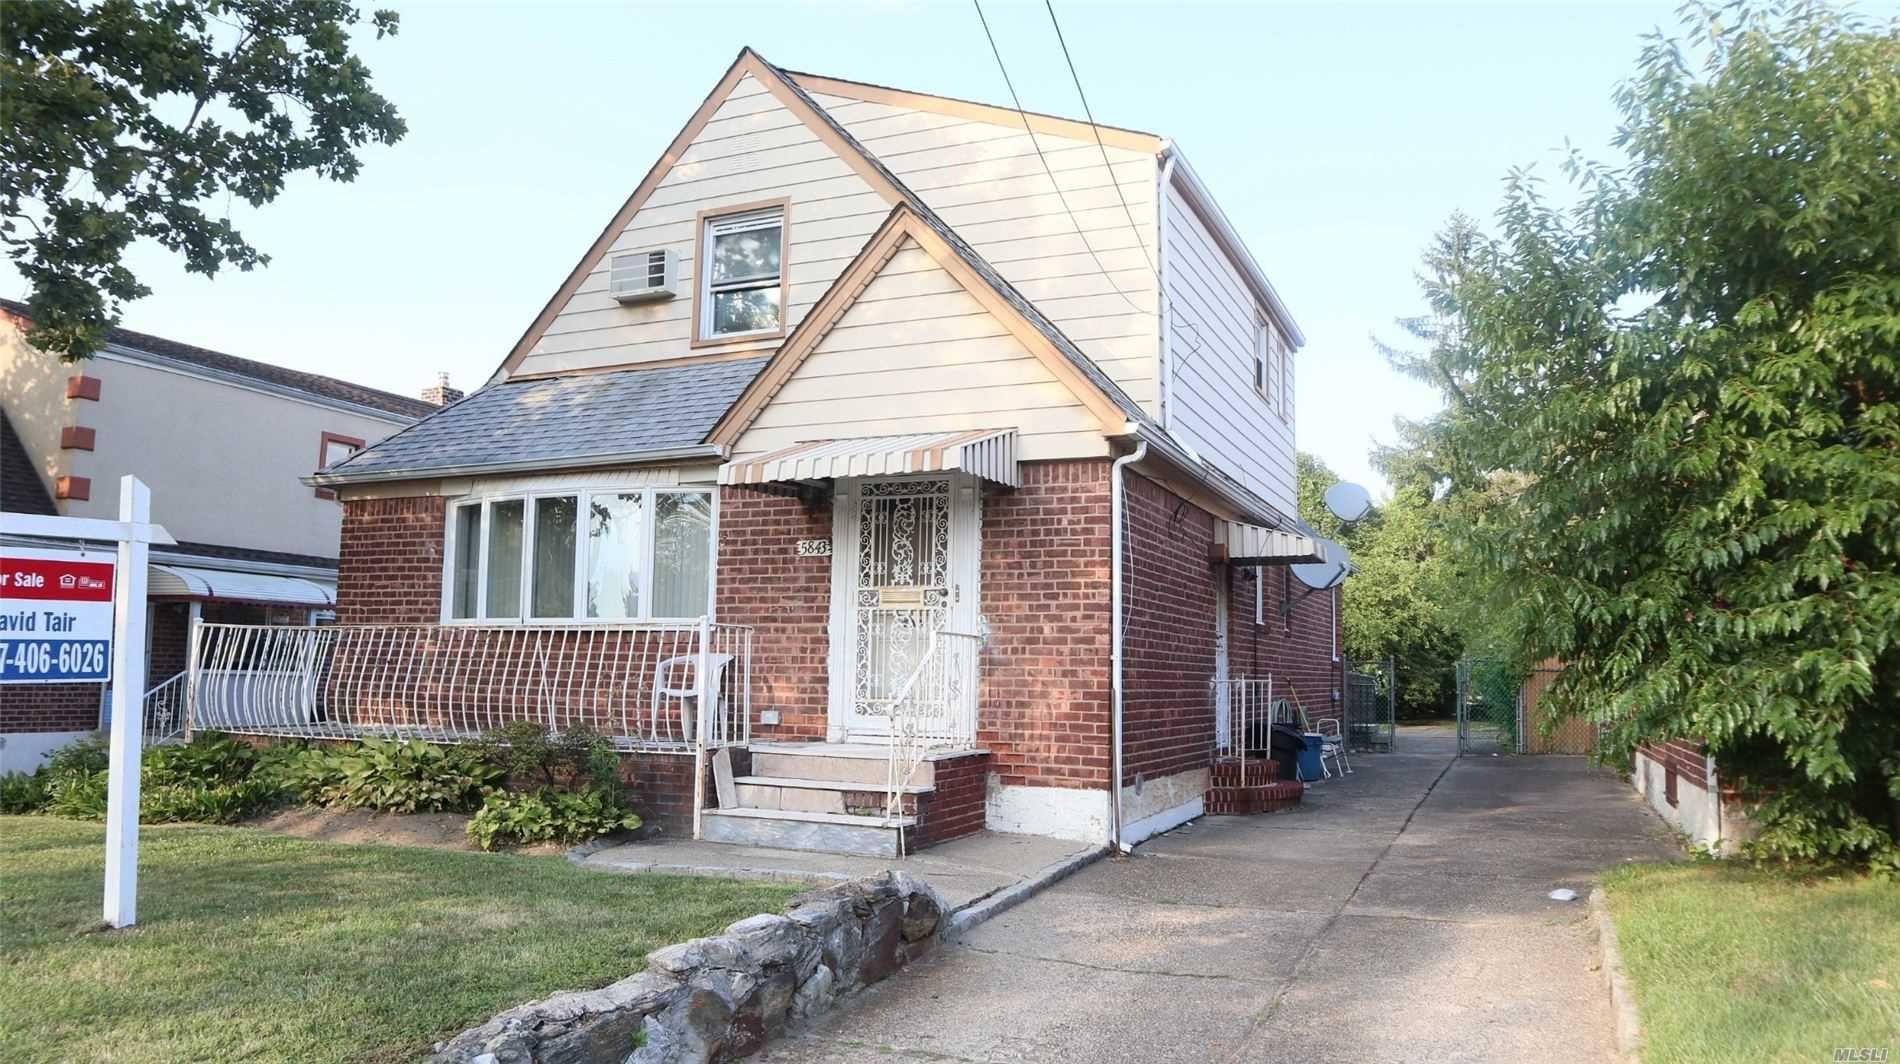 58-43 210 Street, Bayside, NY 11364 - MLS#: 3236850